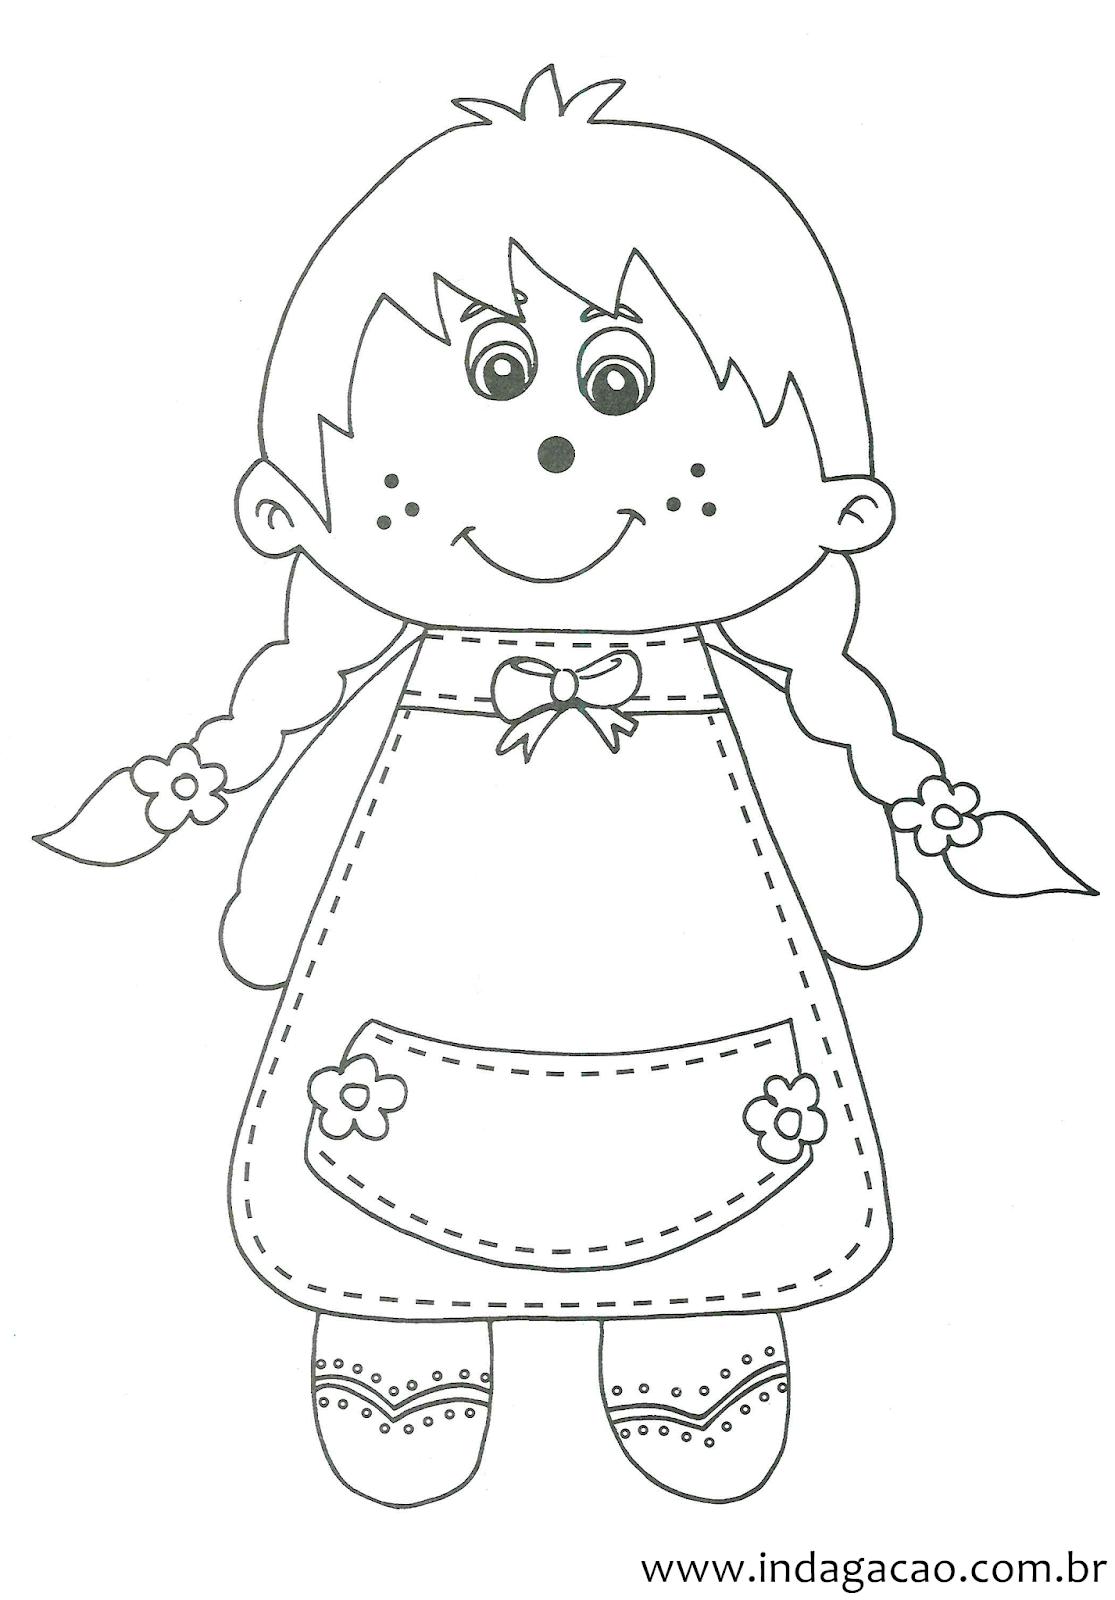 Desenho Para Desenhar Menina Baixar Gratis Indagacao